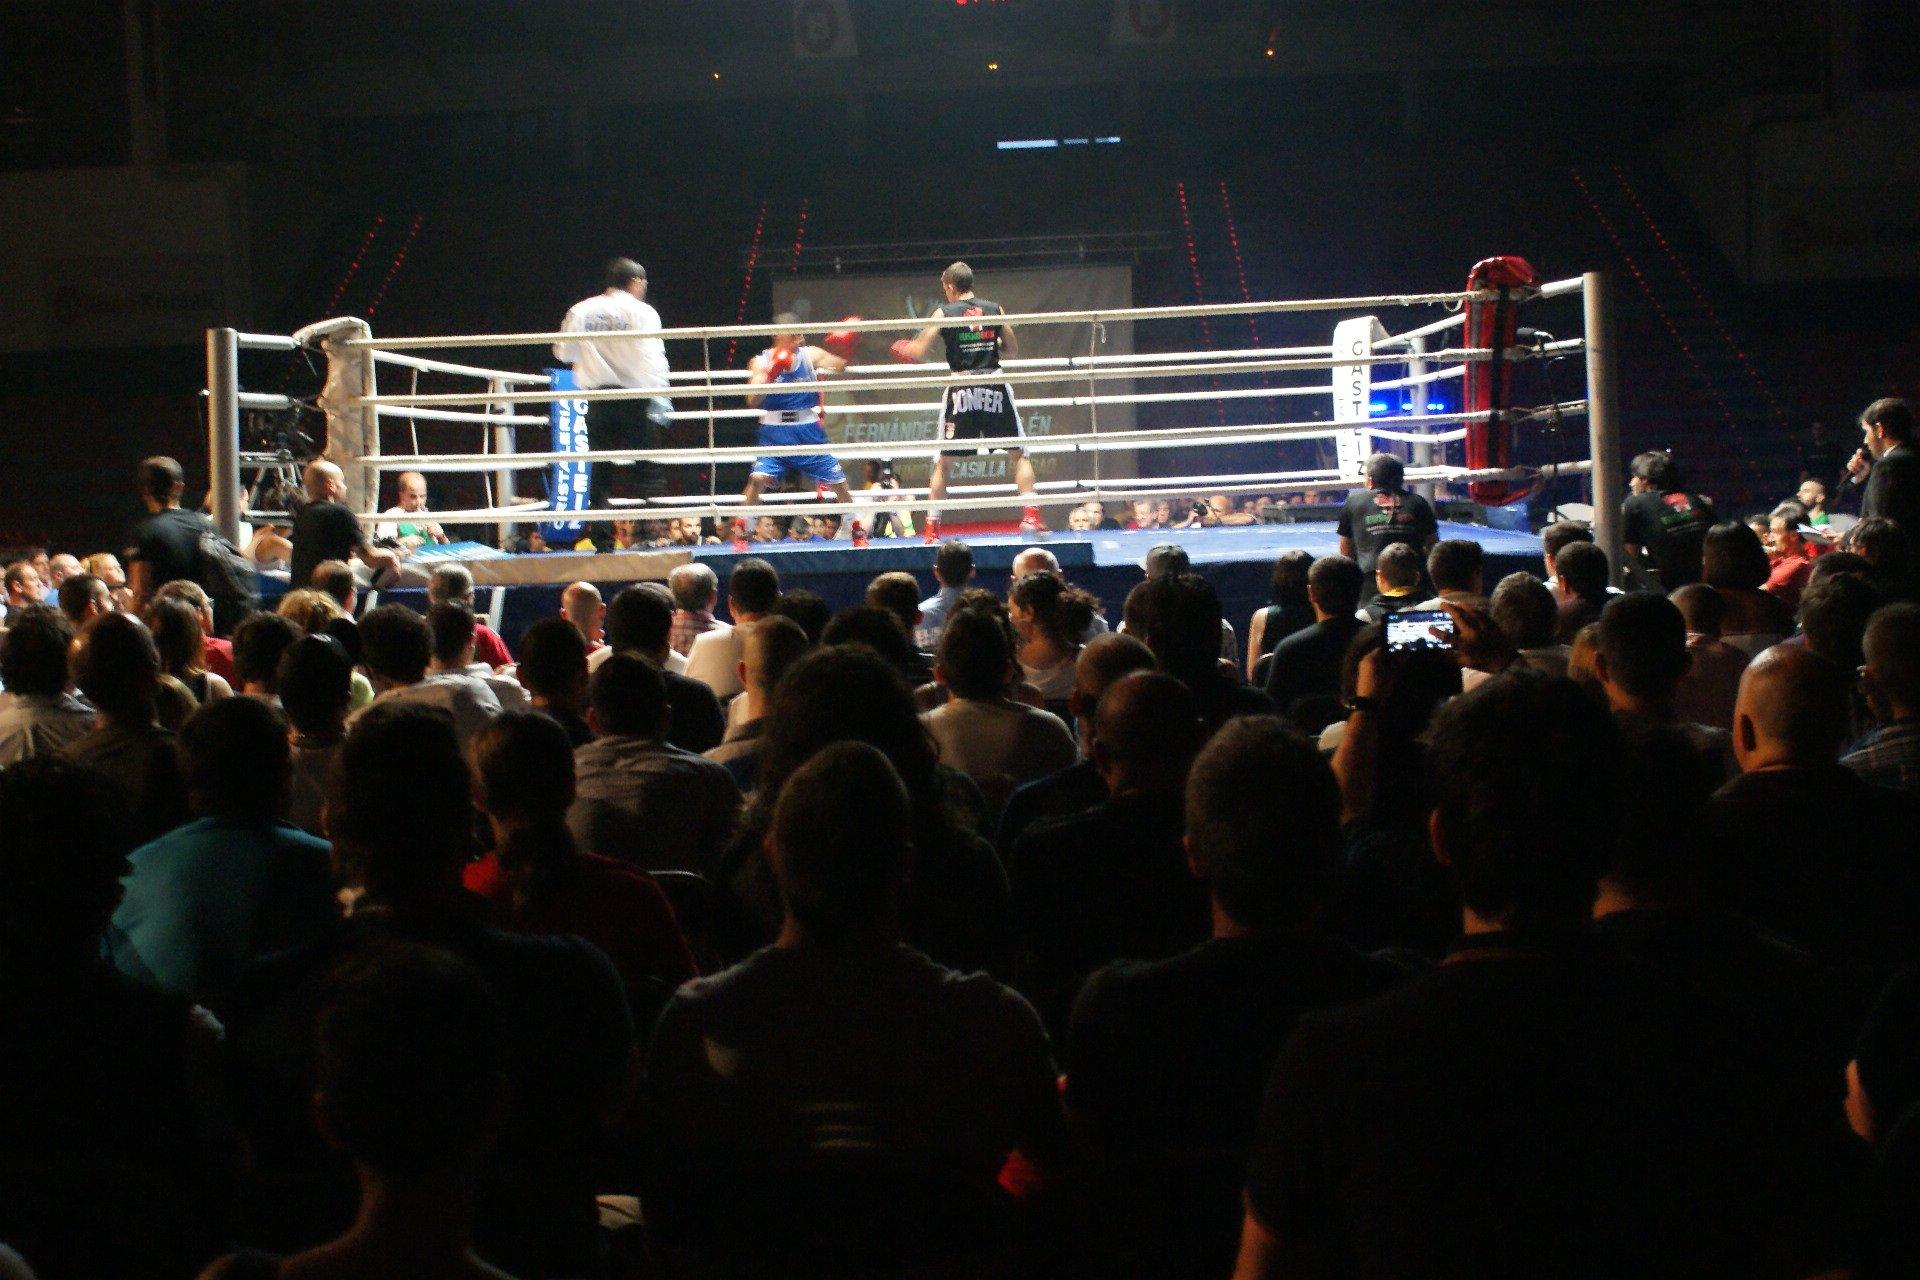 Gullén y Jon Fernández levantaron la primera gran ovación del numeroso público.